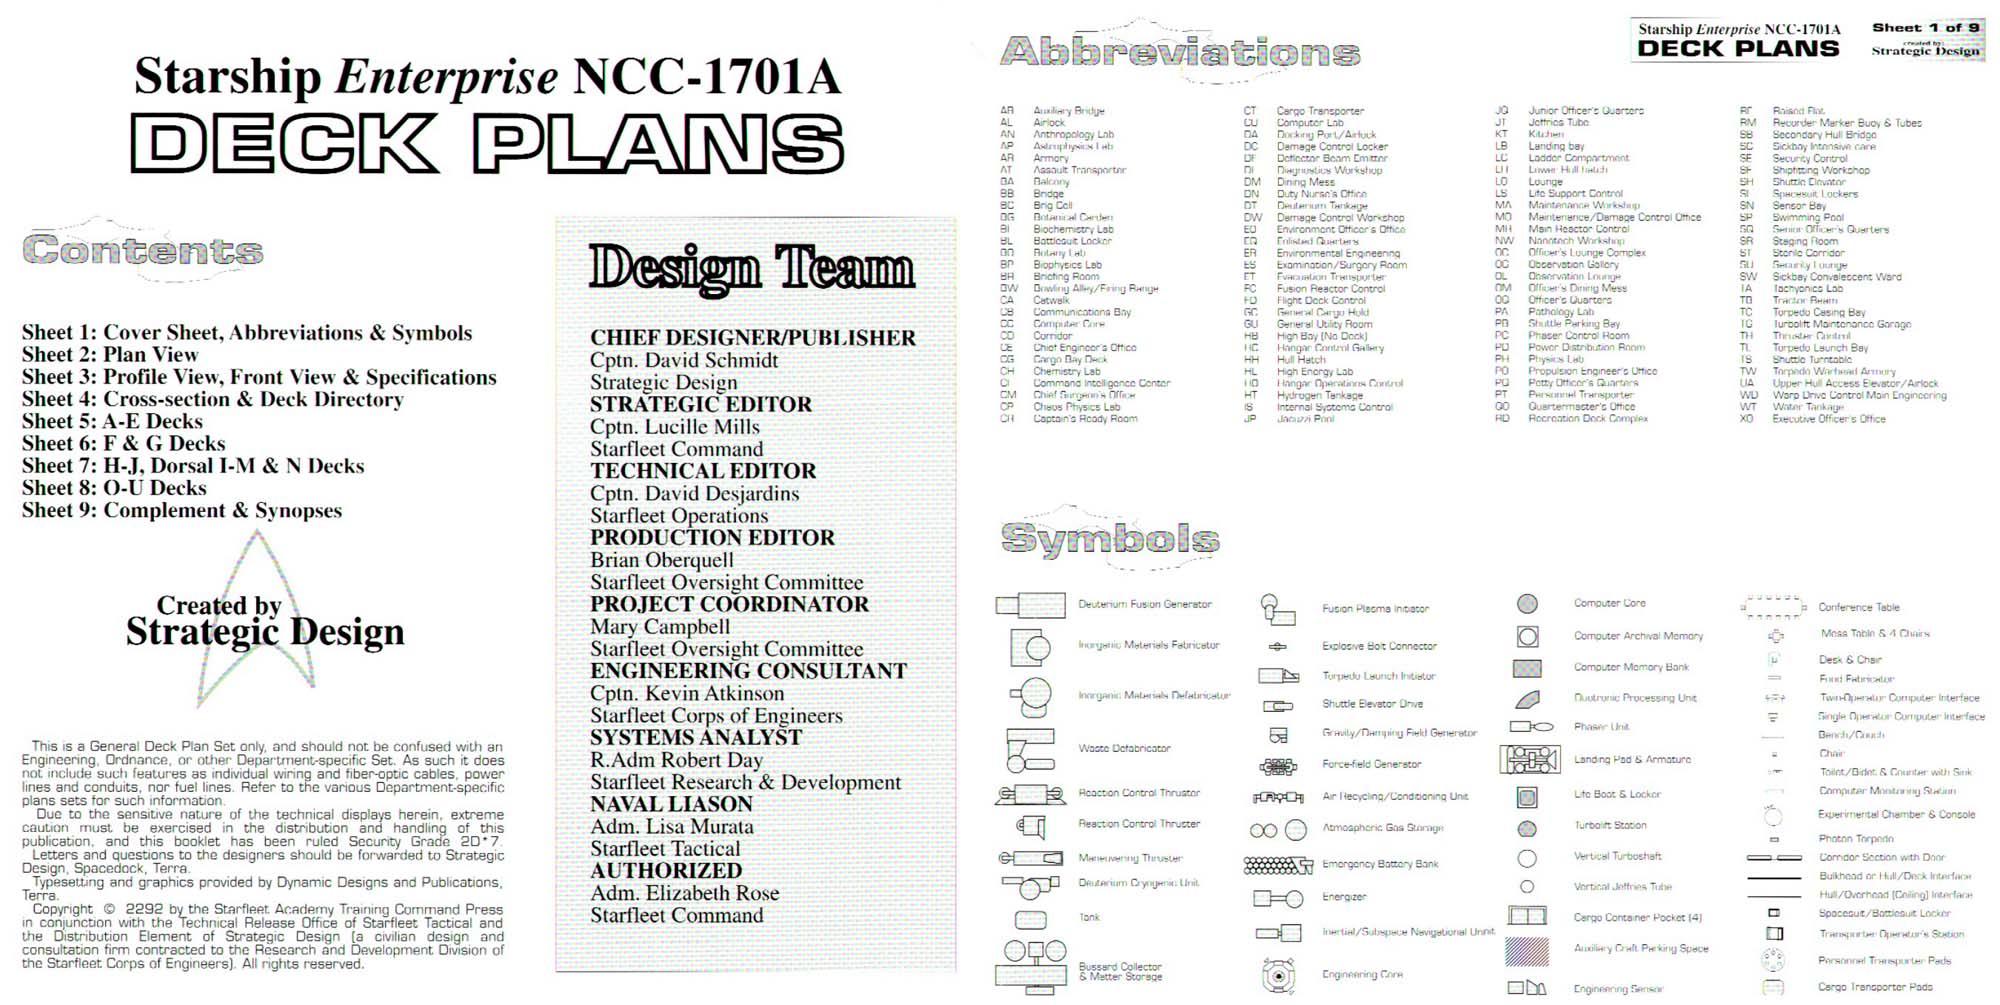 U S S Enterprise NCC-1701A Deck Plans